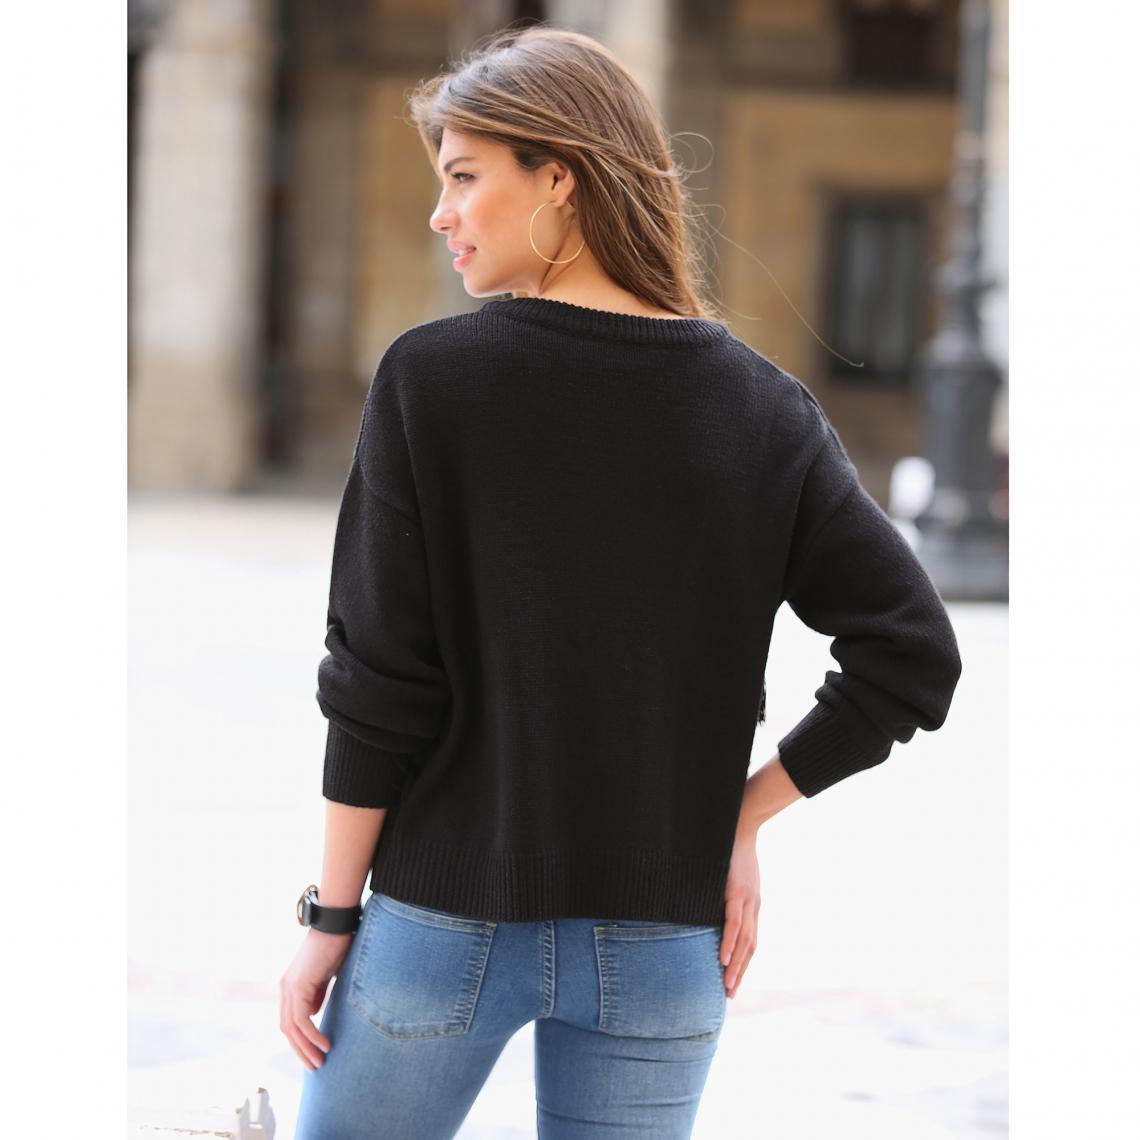 Gilets col rond femme 3 Suisses Cliquez l image pour l agrandir. Gilet  zippé manches longues et franges devant femme Exclusivité 3SUISSES - Noir  ... b1b606760b93